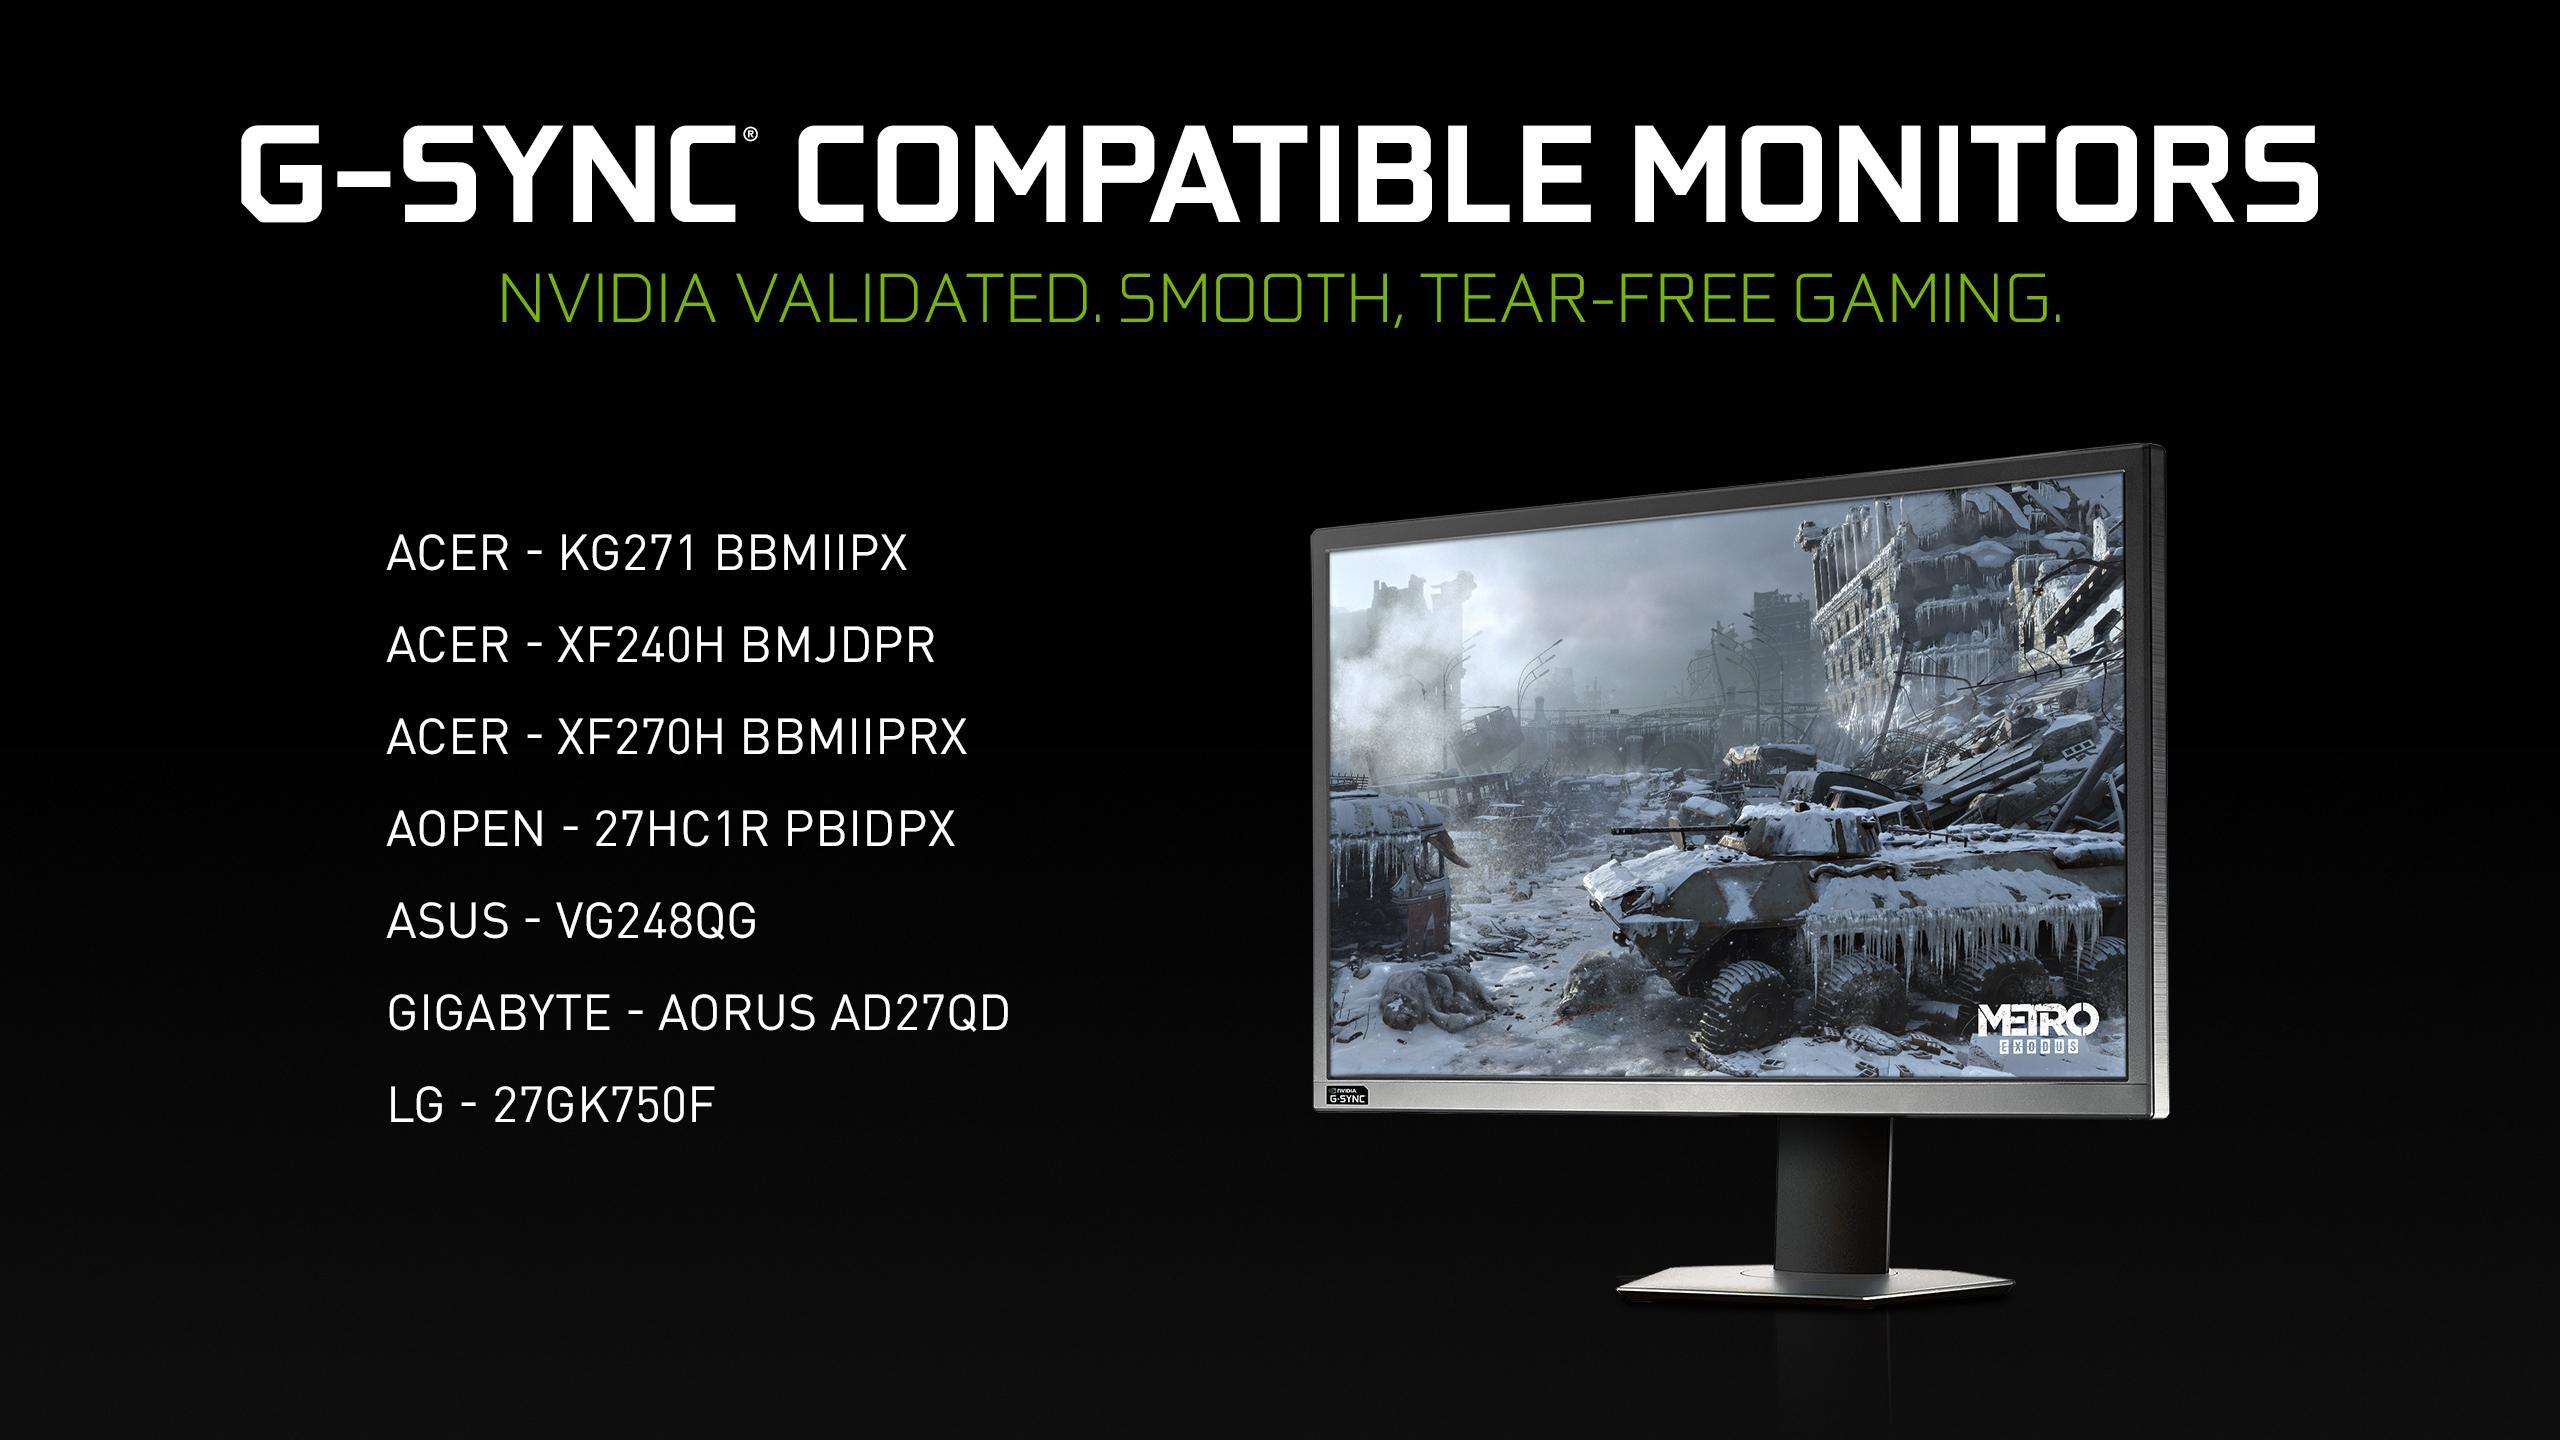 More Gaming Monitors Get G-SYNC Compatible Validation